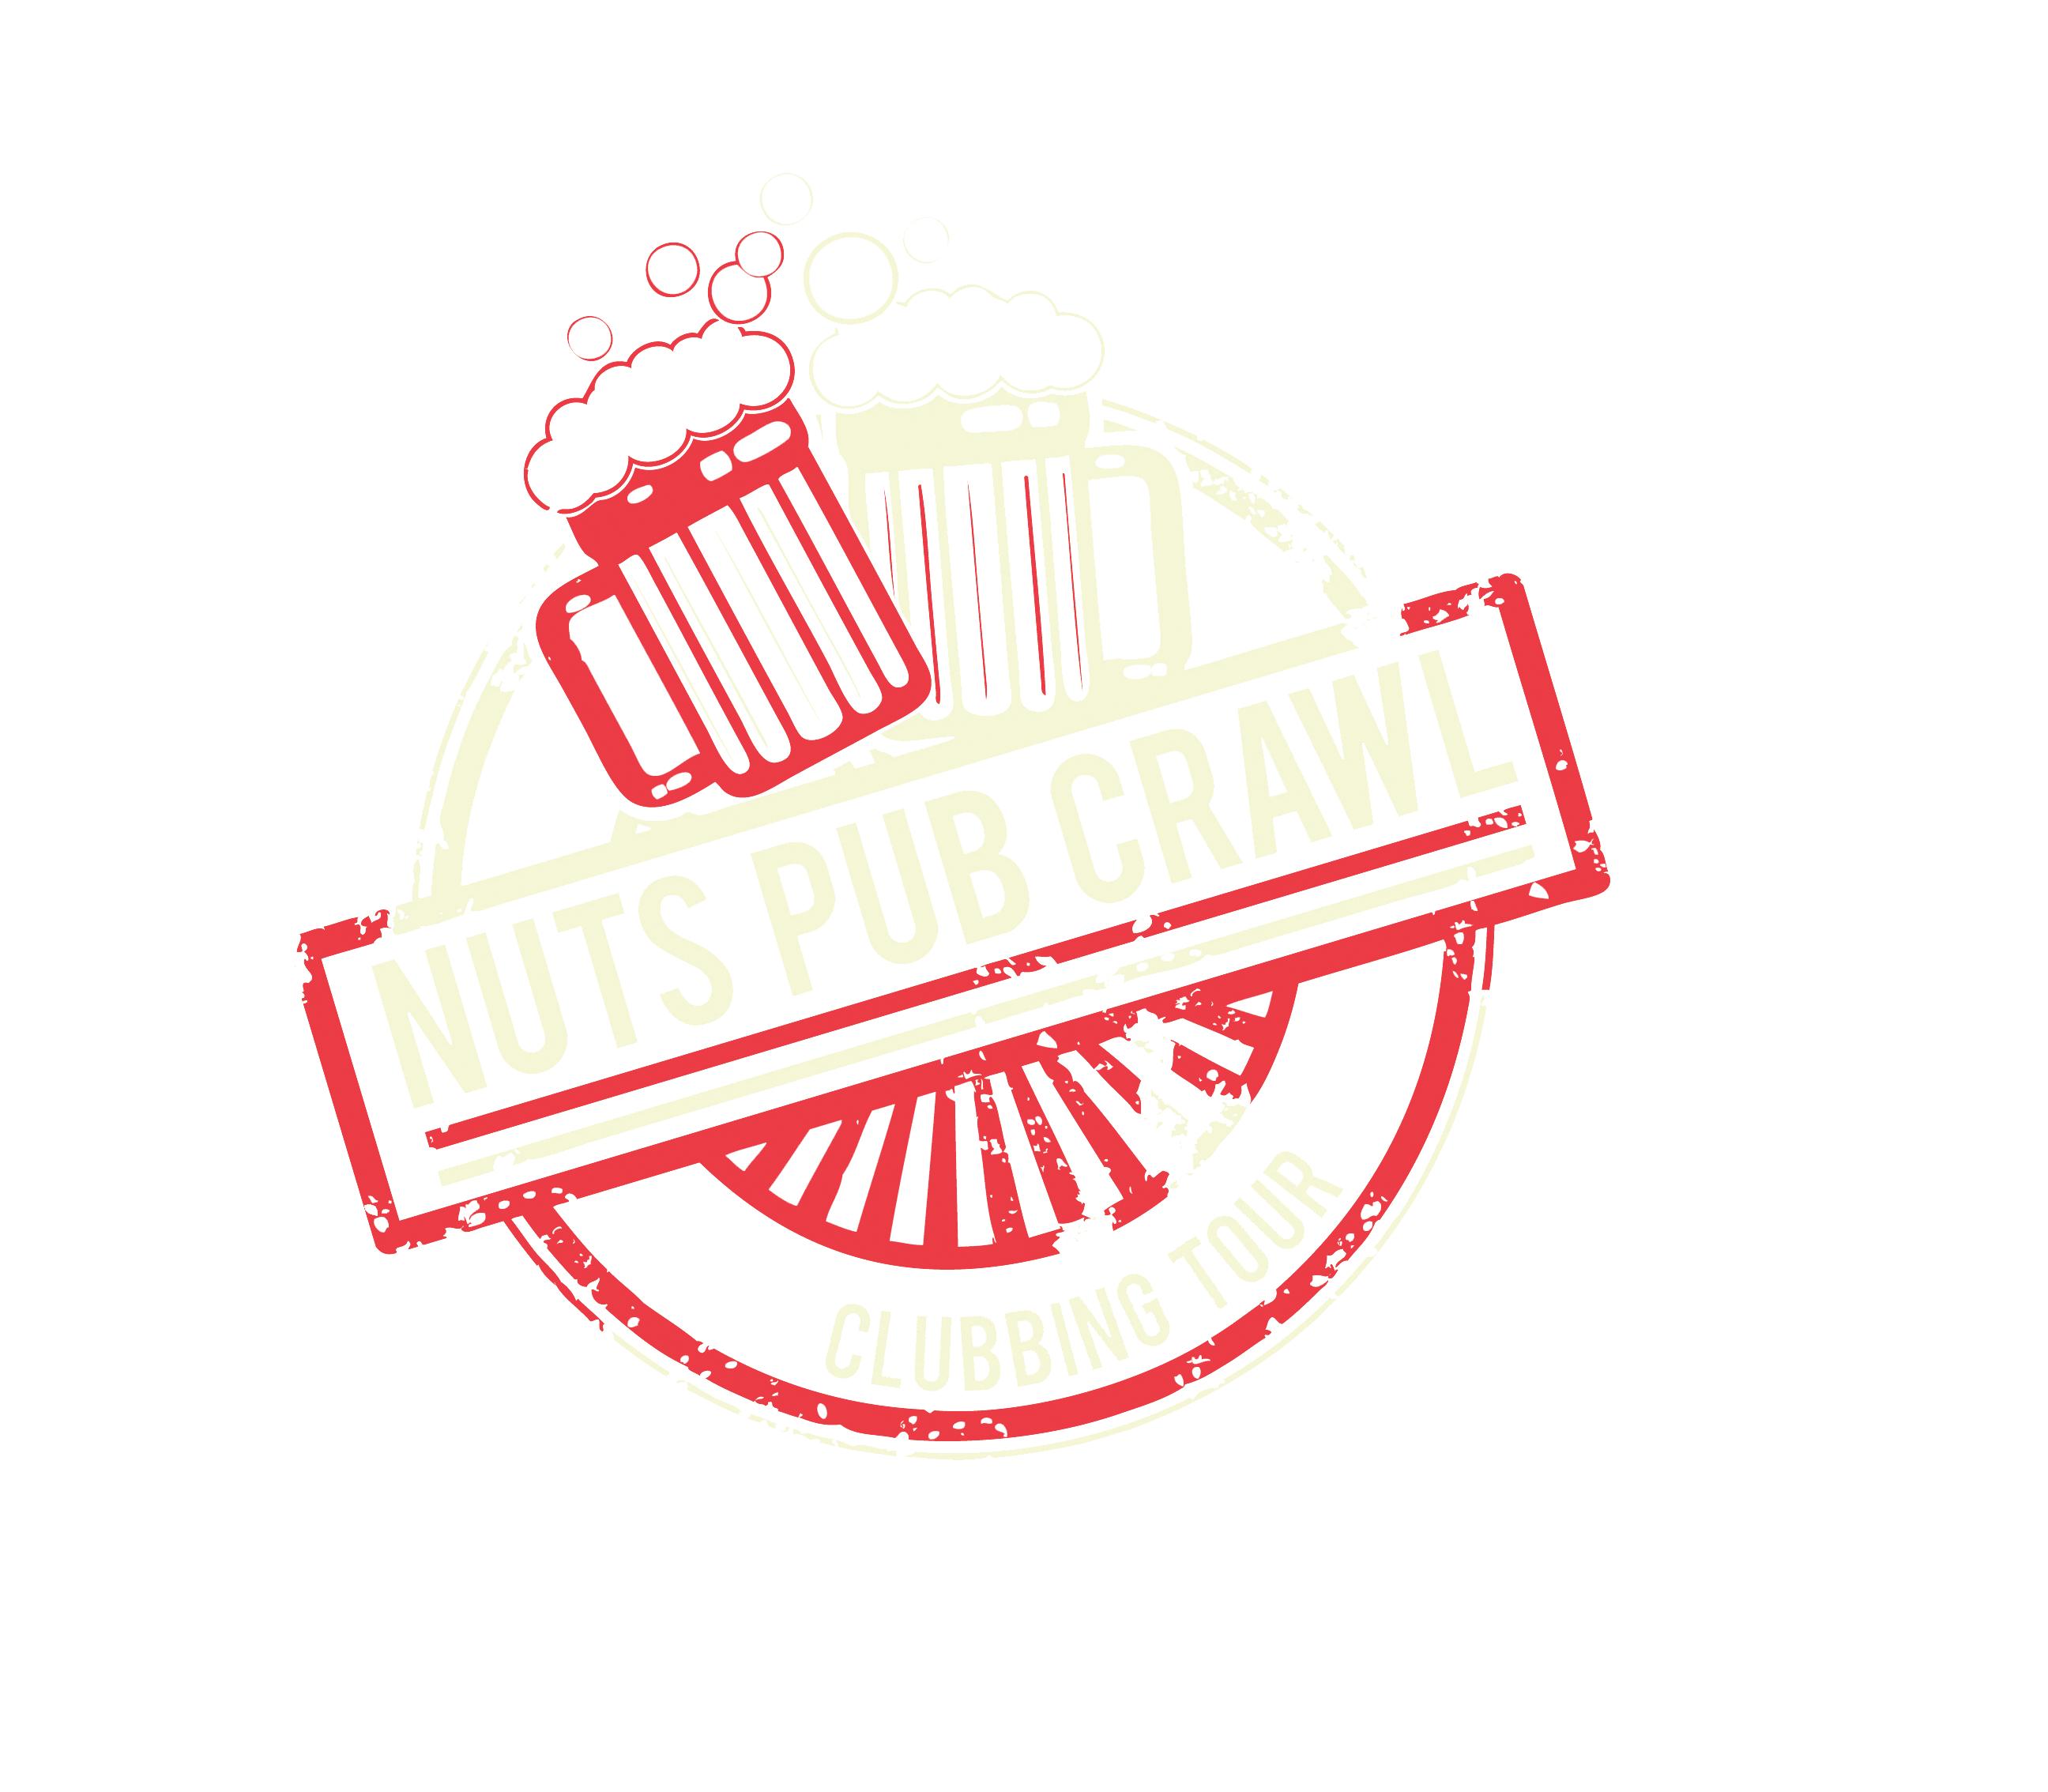 Ночной клуб Октябрь Logo